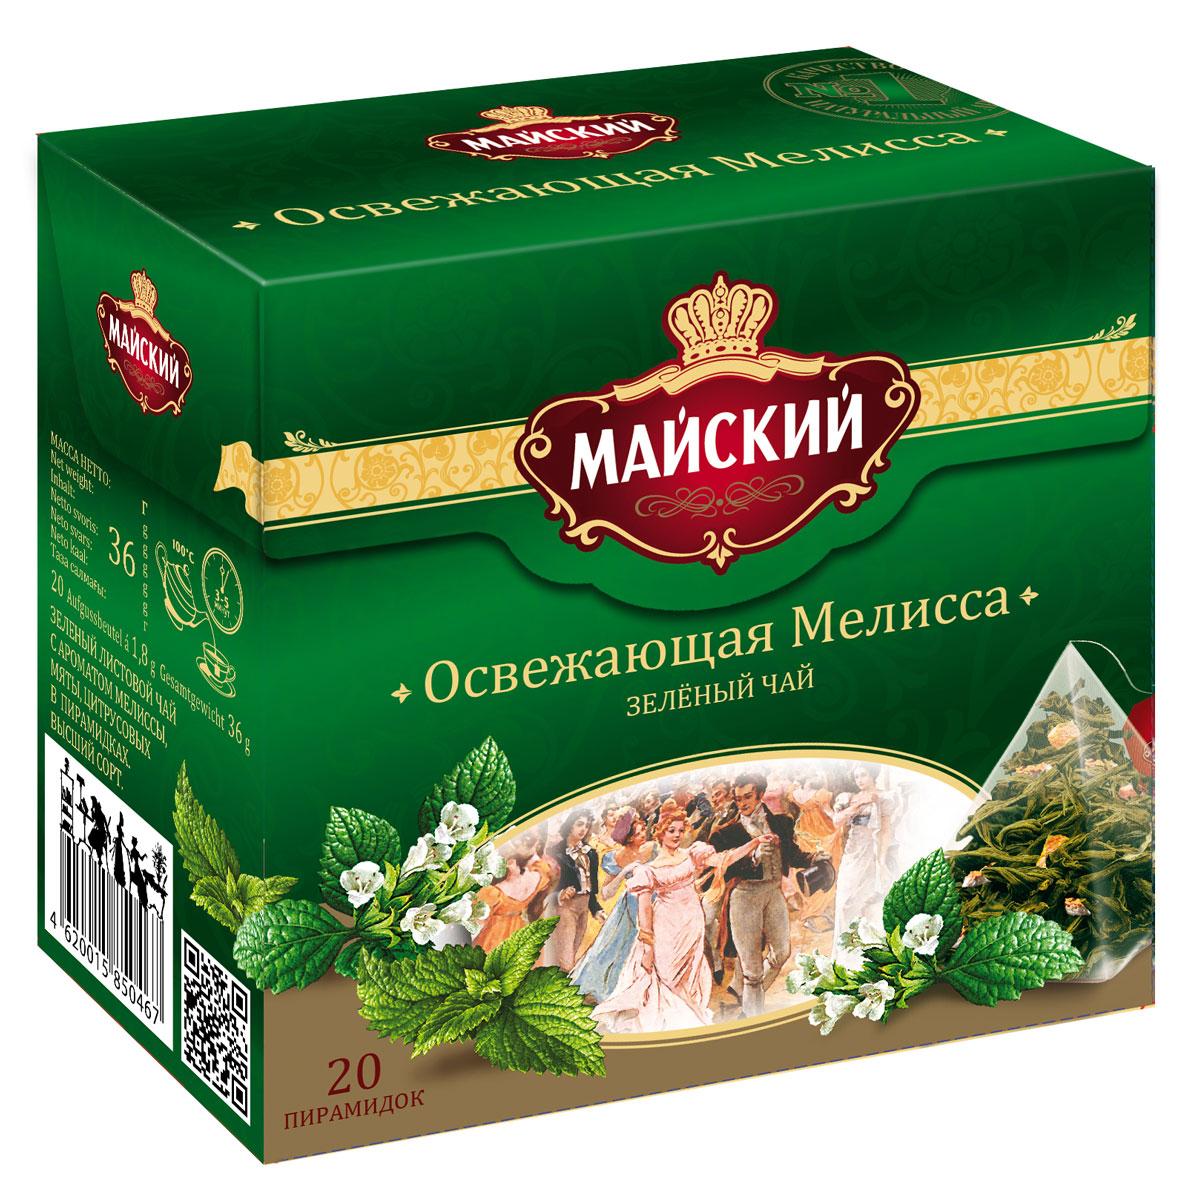 все цены на Майский Освежающая Мелисса зеленый чай в пирамидках, 20 шт онлайн